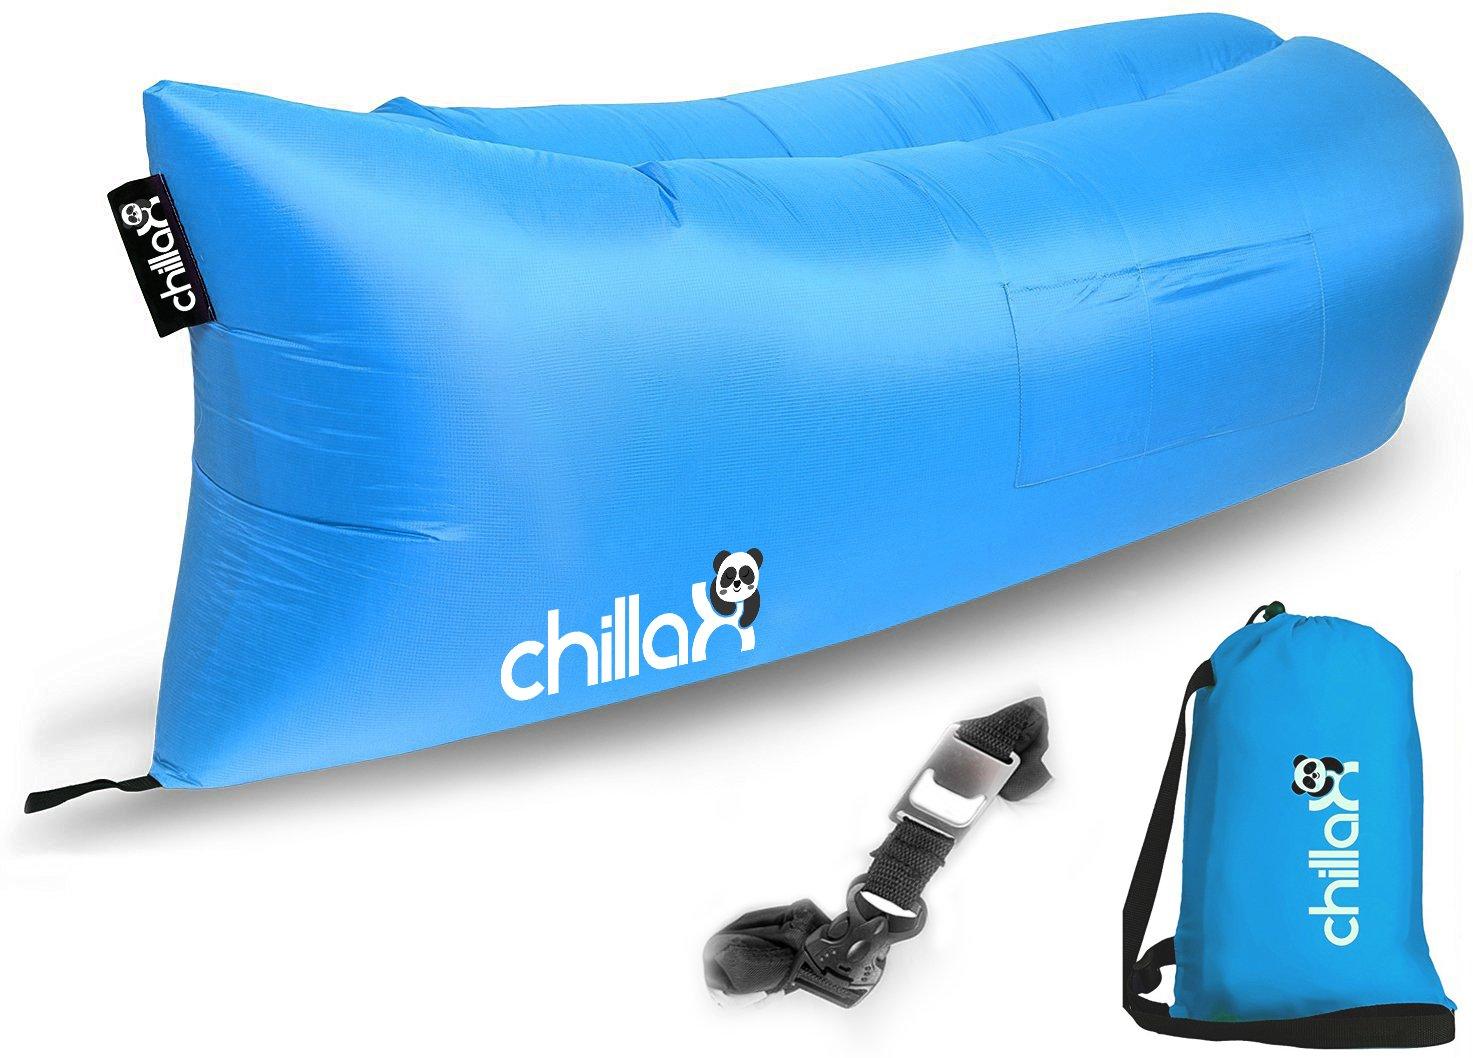 Chillax Air Lounger - Inflatable Lounger Air Lounge Chair Beach Pool Air Bed .. 18